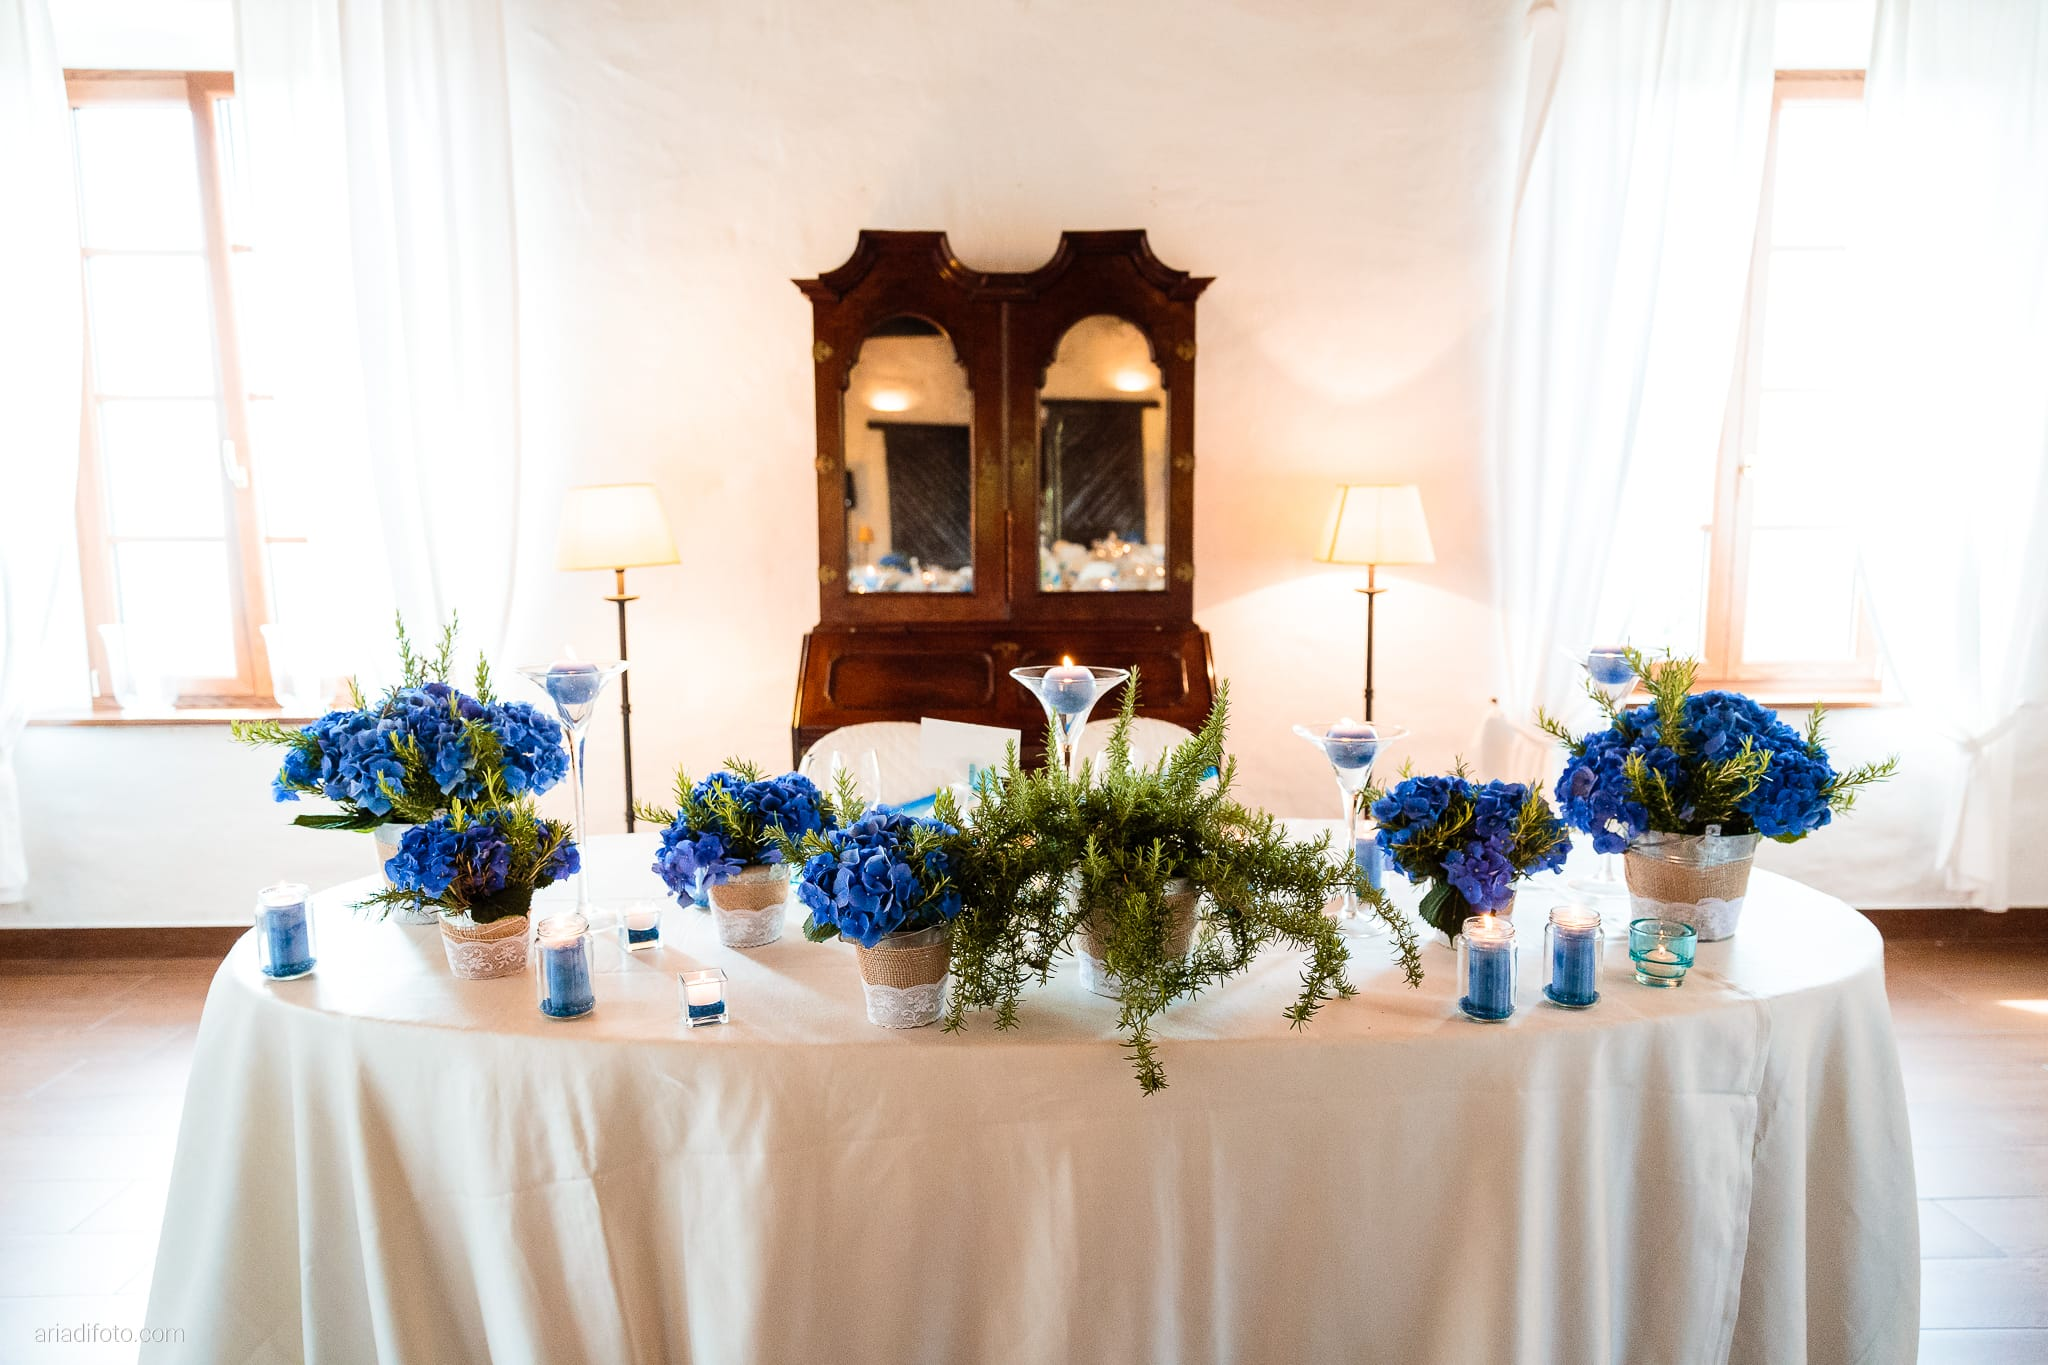 Roberta Alessandro matrimonio Duino Baronesse Tacco San Floriano del Collio Gorizia ricevimento allestimenti sala tavoli decorazioni fiori centrotavola